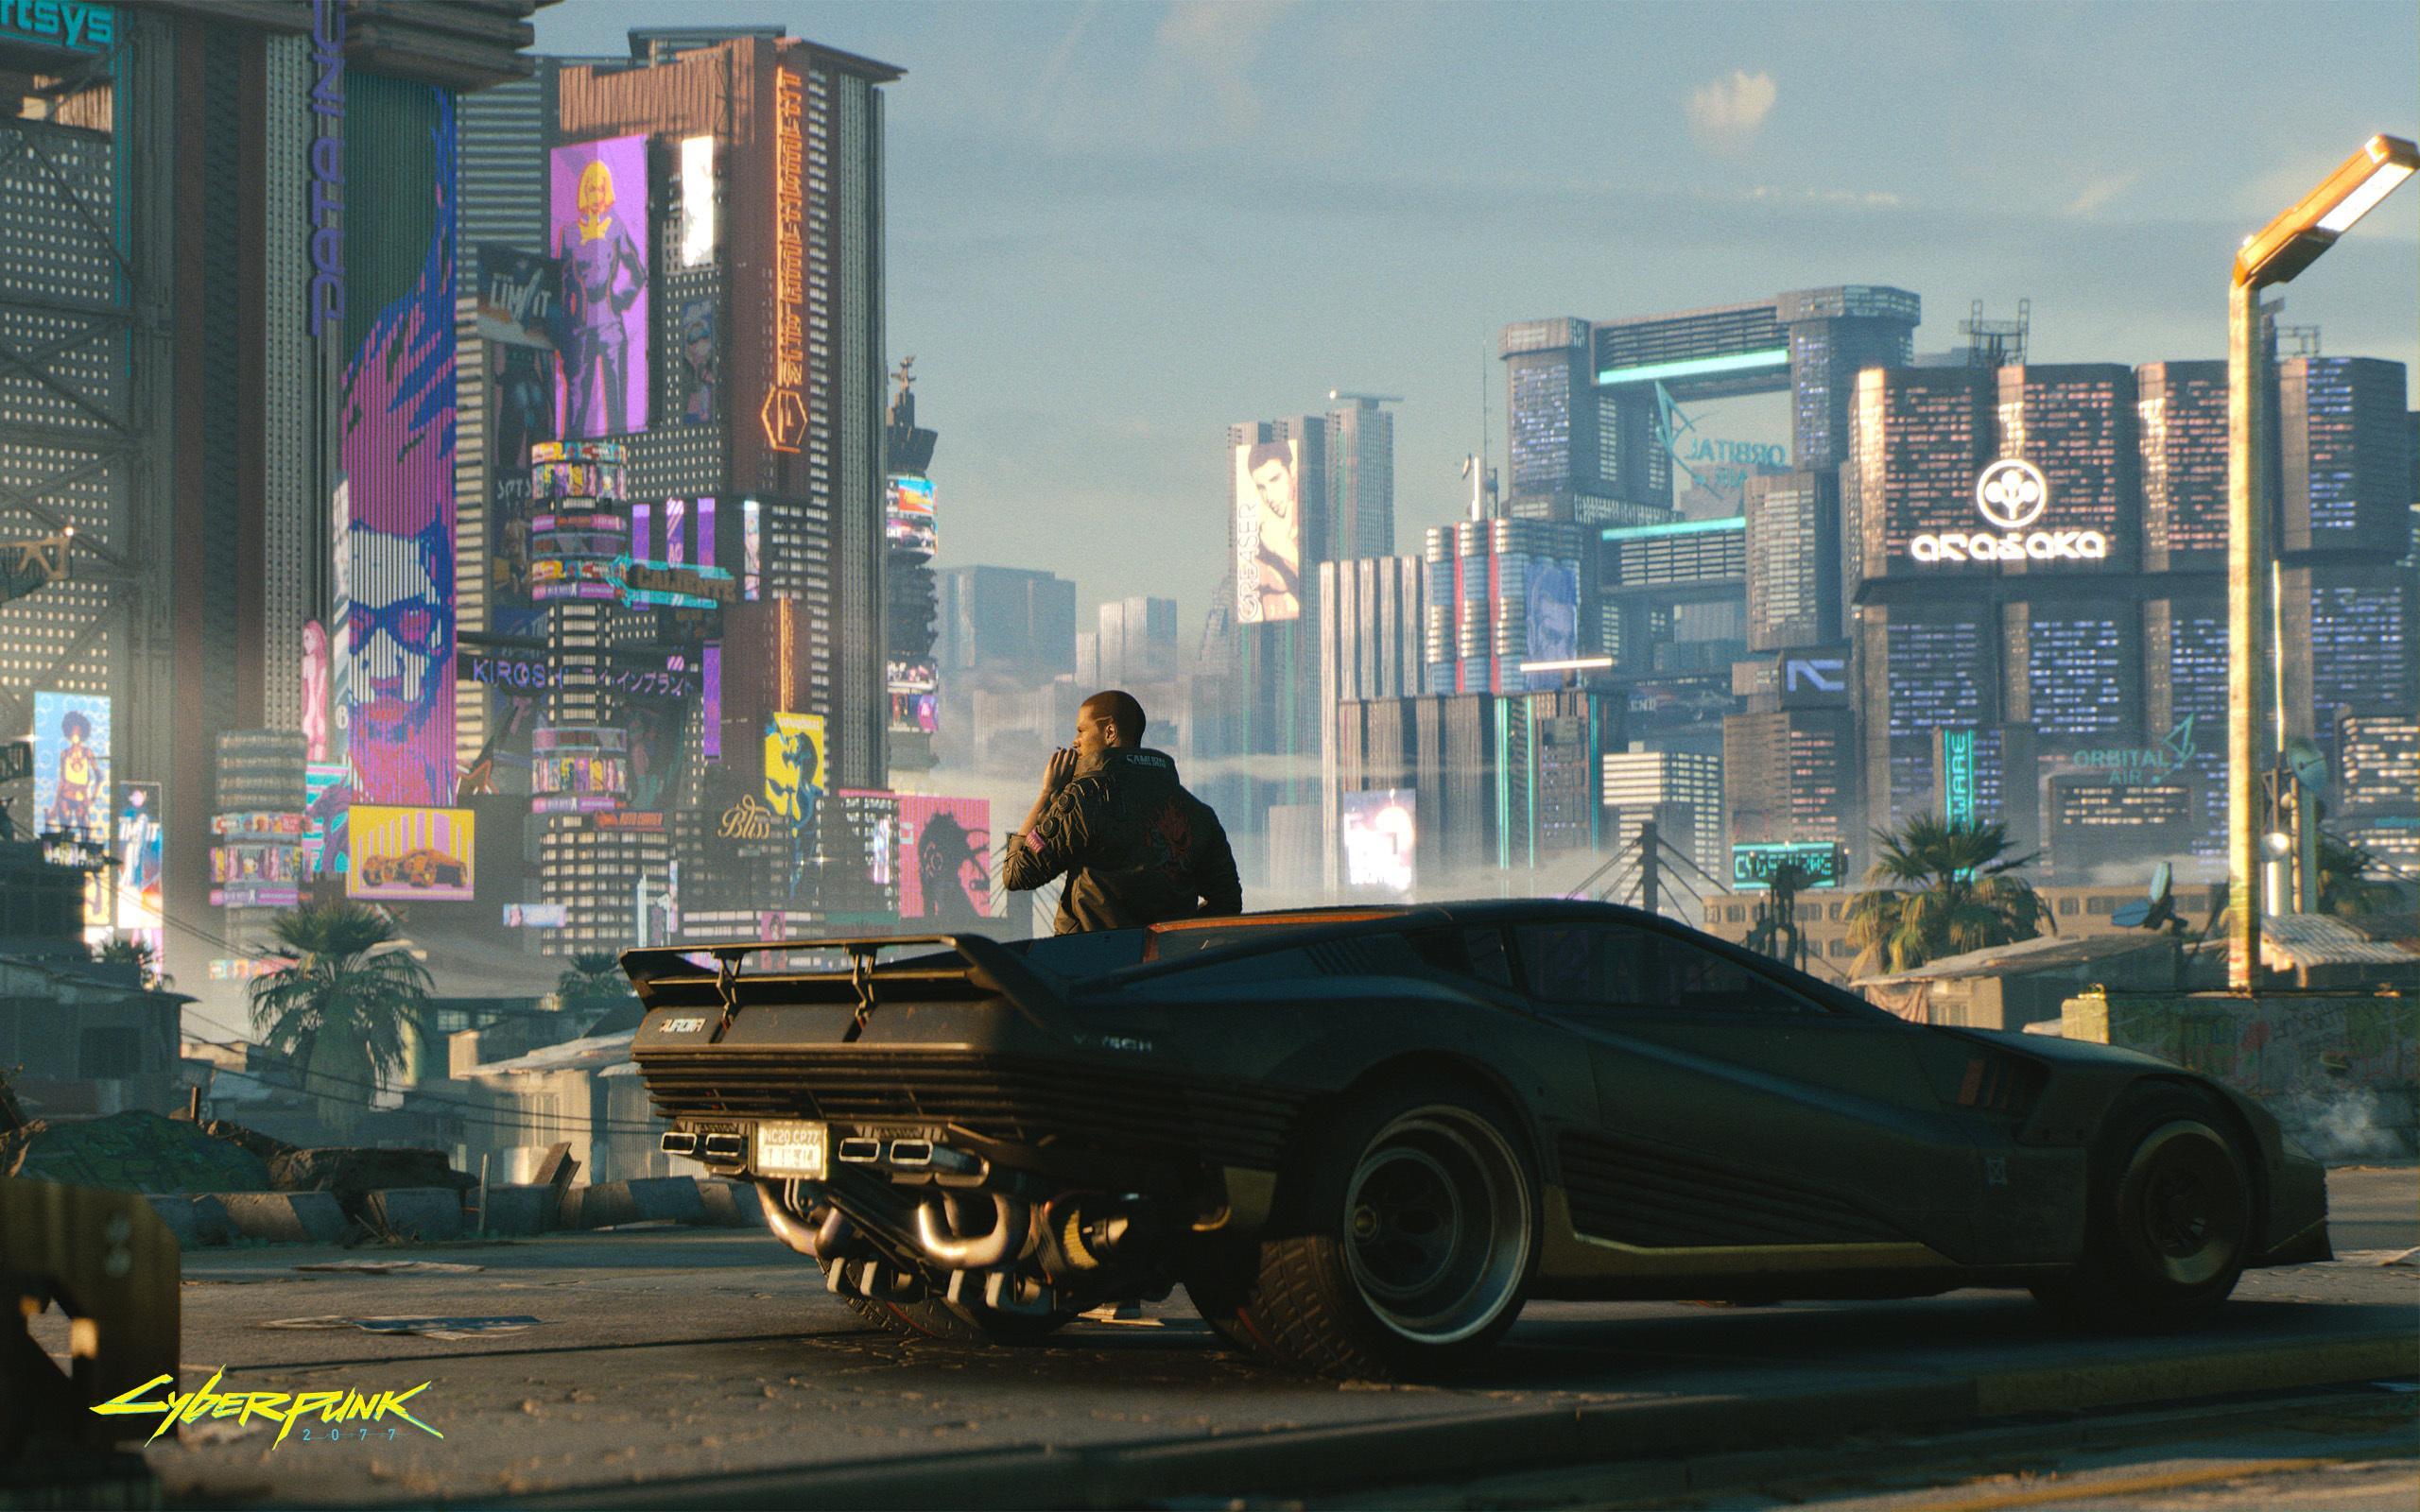 Cyberpunk 2077 48 minutos de Gameplay vehículo